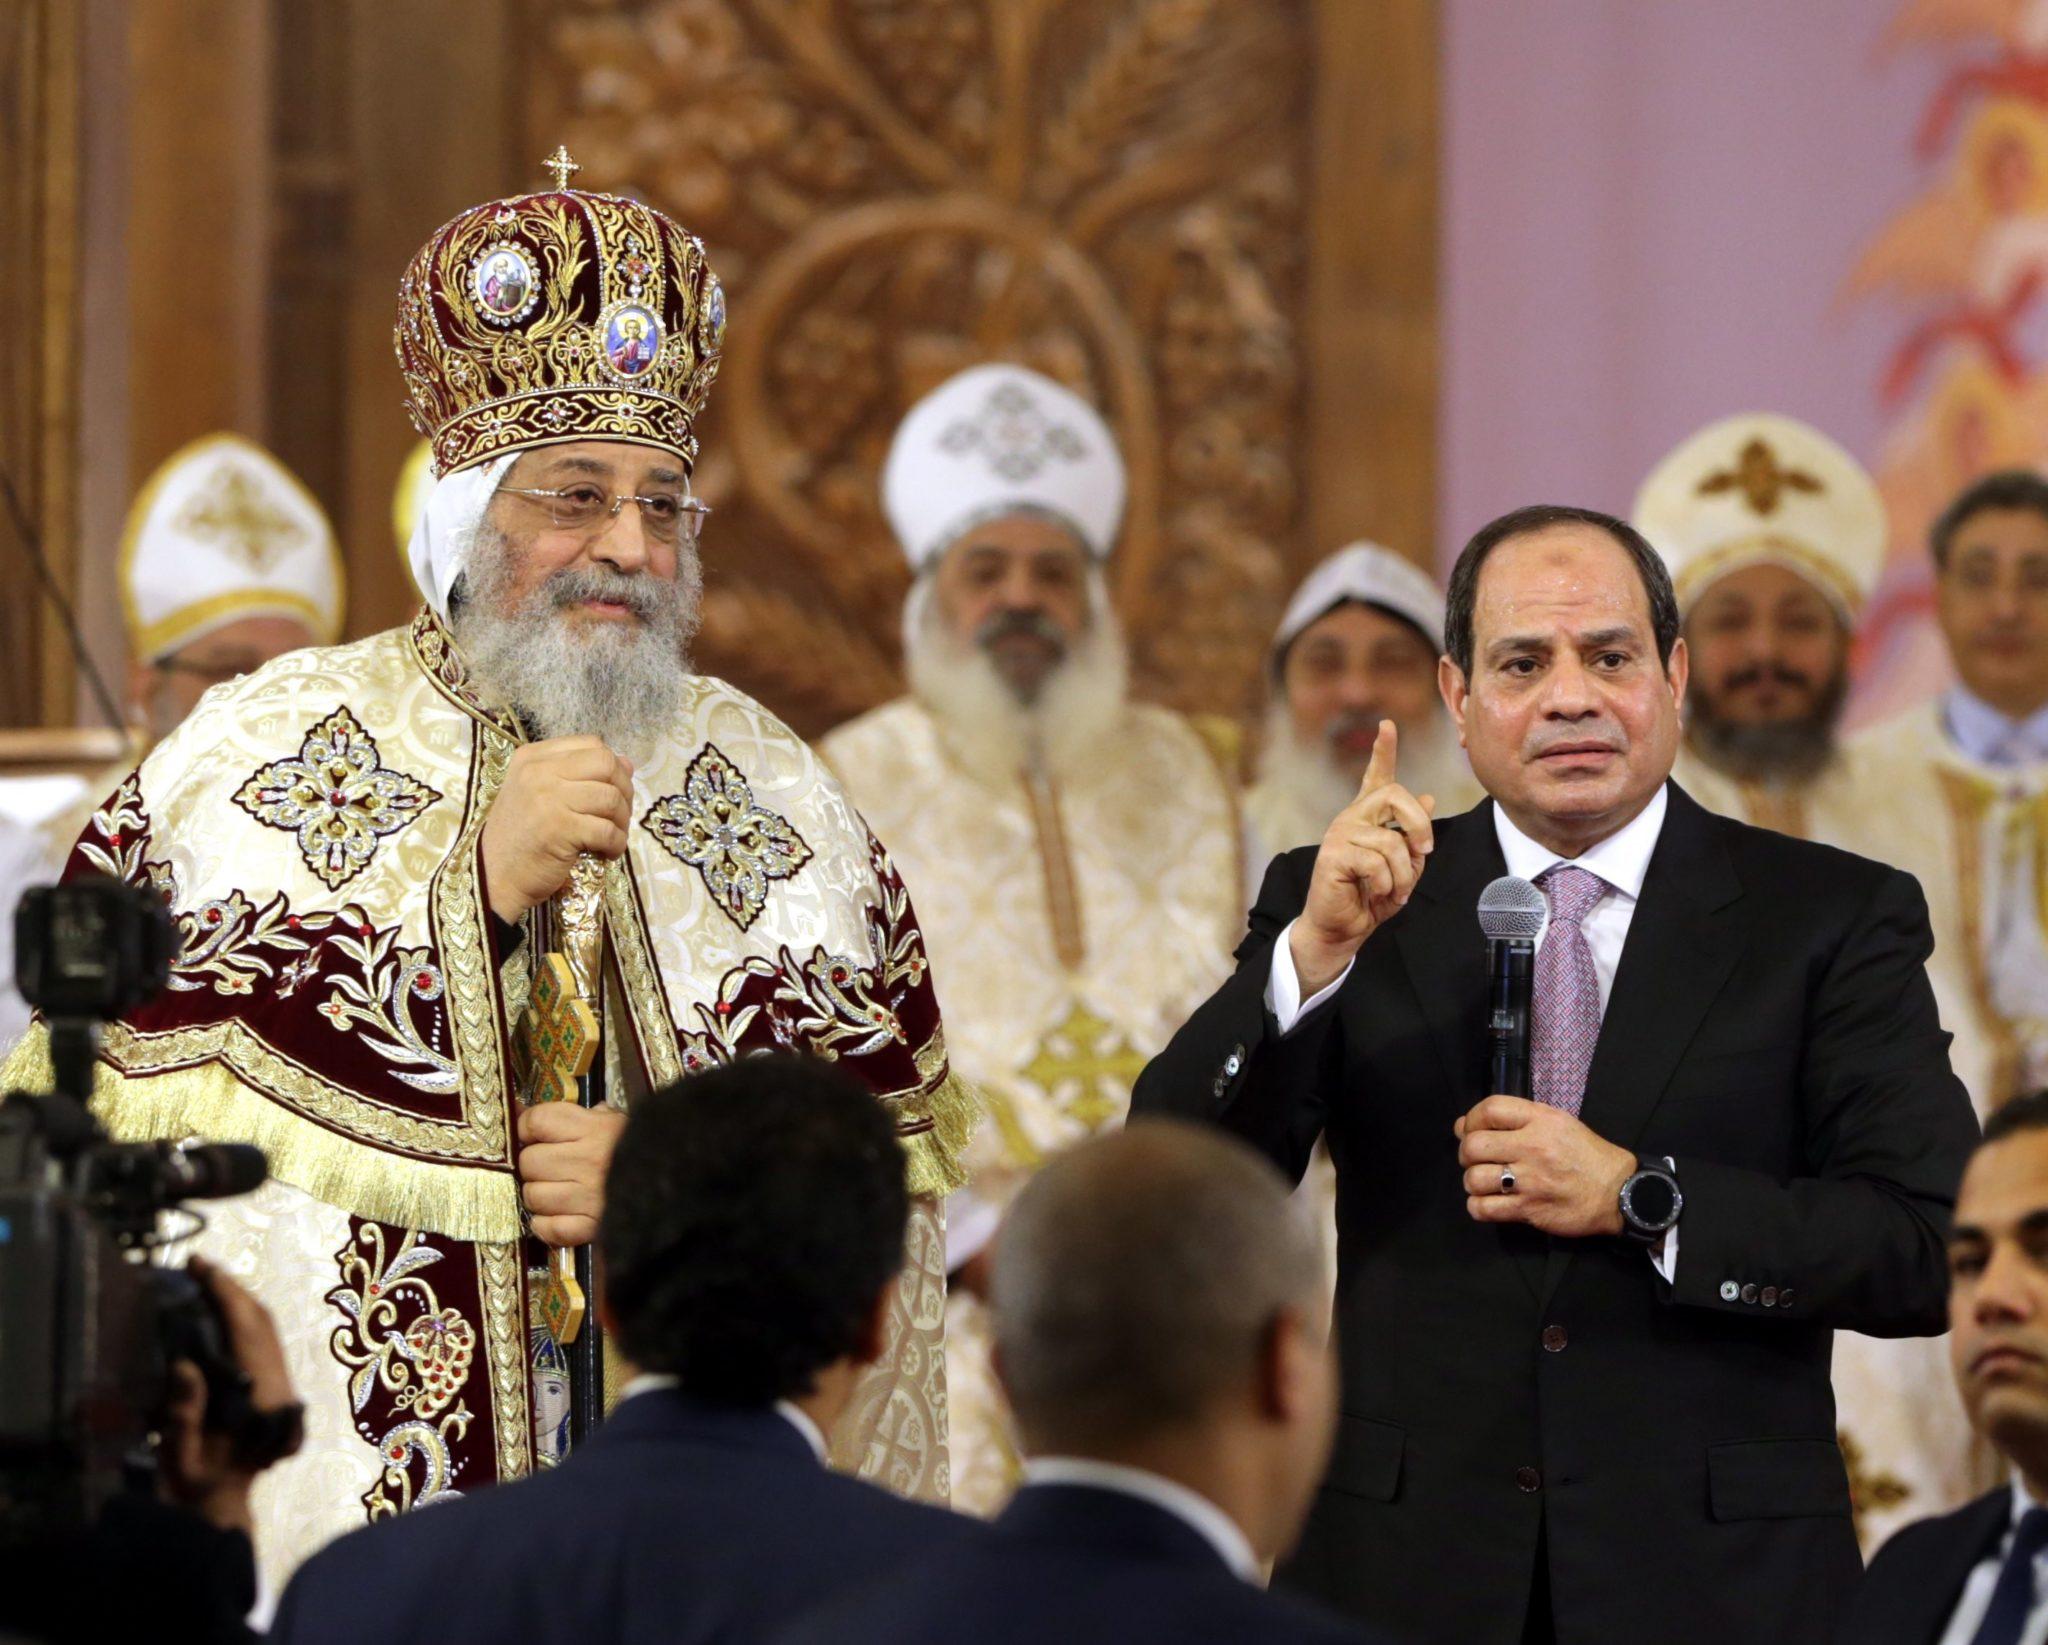 Egipt: koptyjski papież Tawadros II przyjął egipskiego prezydenta Abdel Fattah al-Sisi (R), w nowej koptyjskiej katedrze w okazji prawosławnego bożego narodzenia, fot. Khaled Elfiqi, PAP, EPA